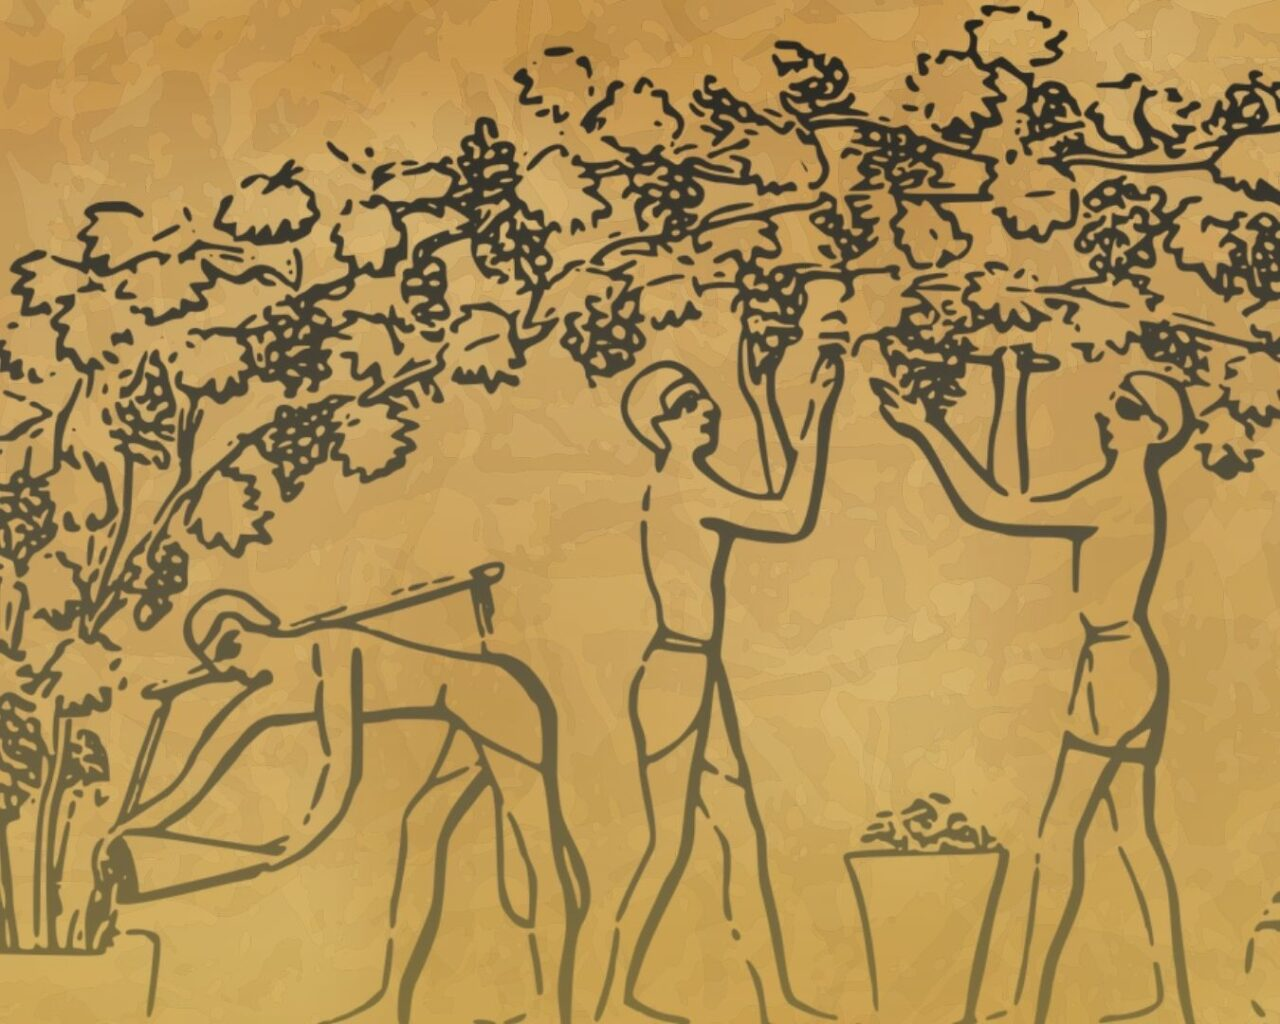 Historia de la viticultura